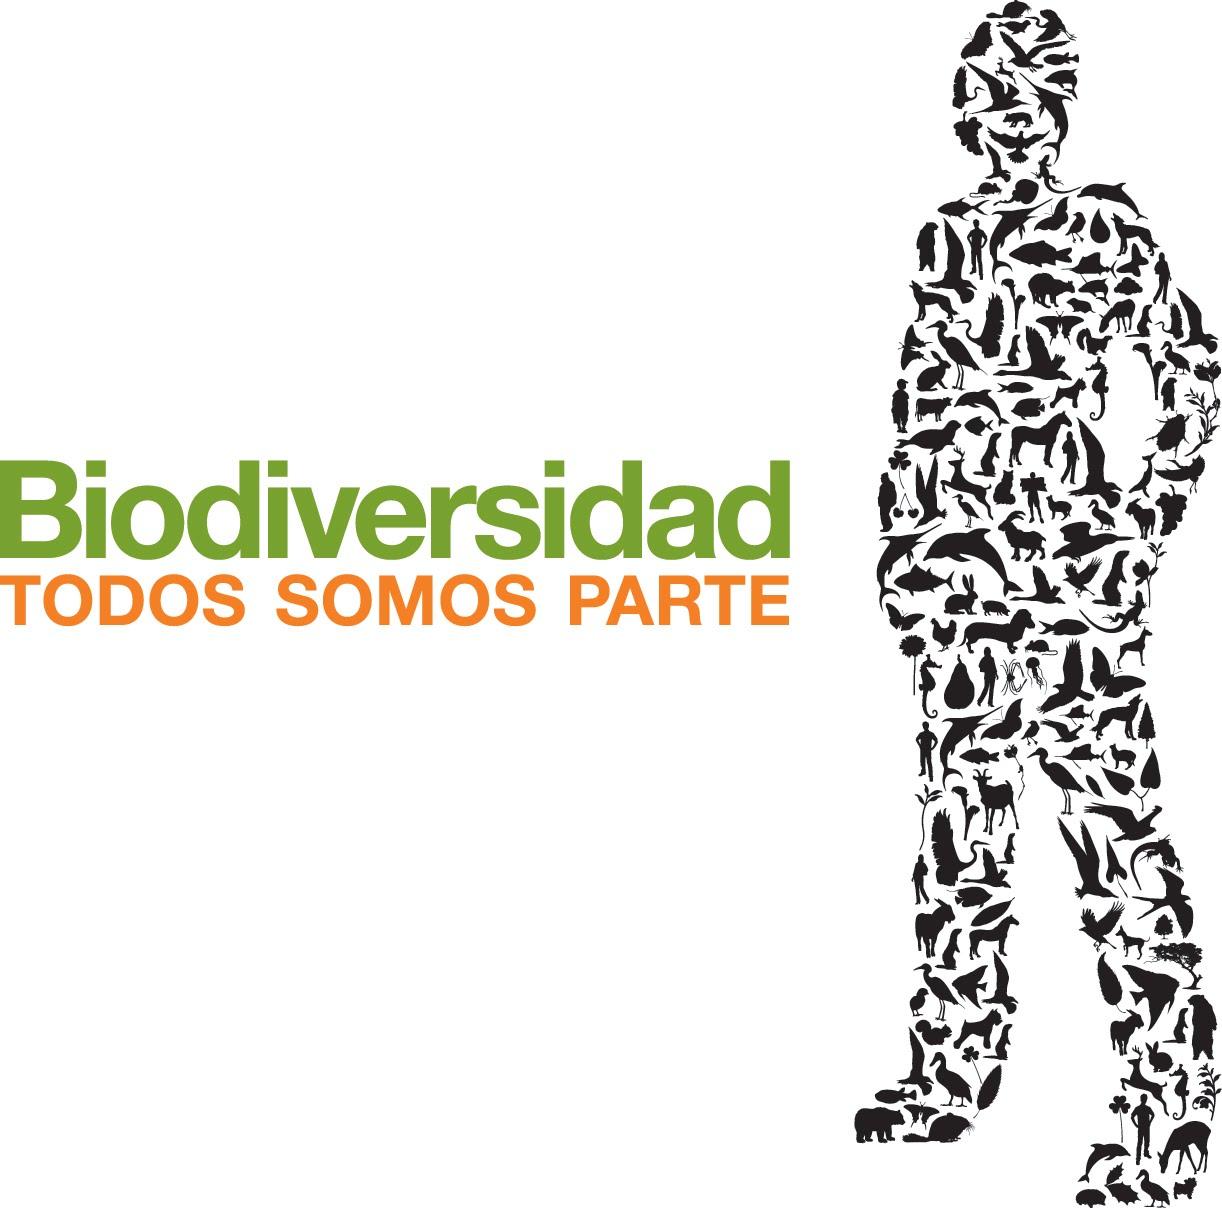 Día Mundial Biodiversidad